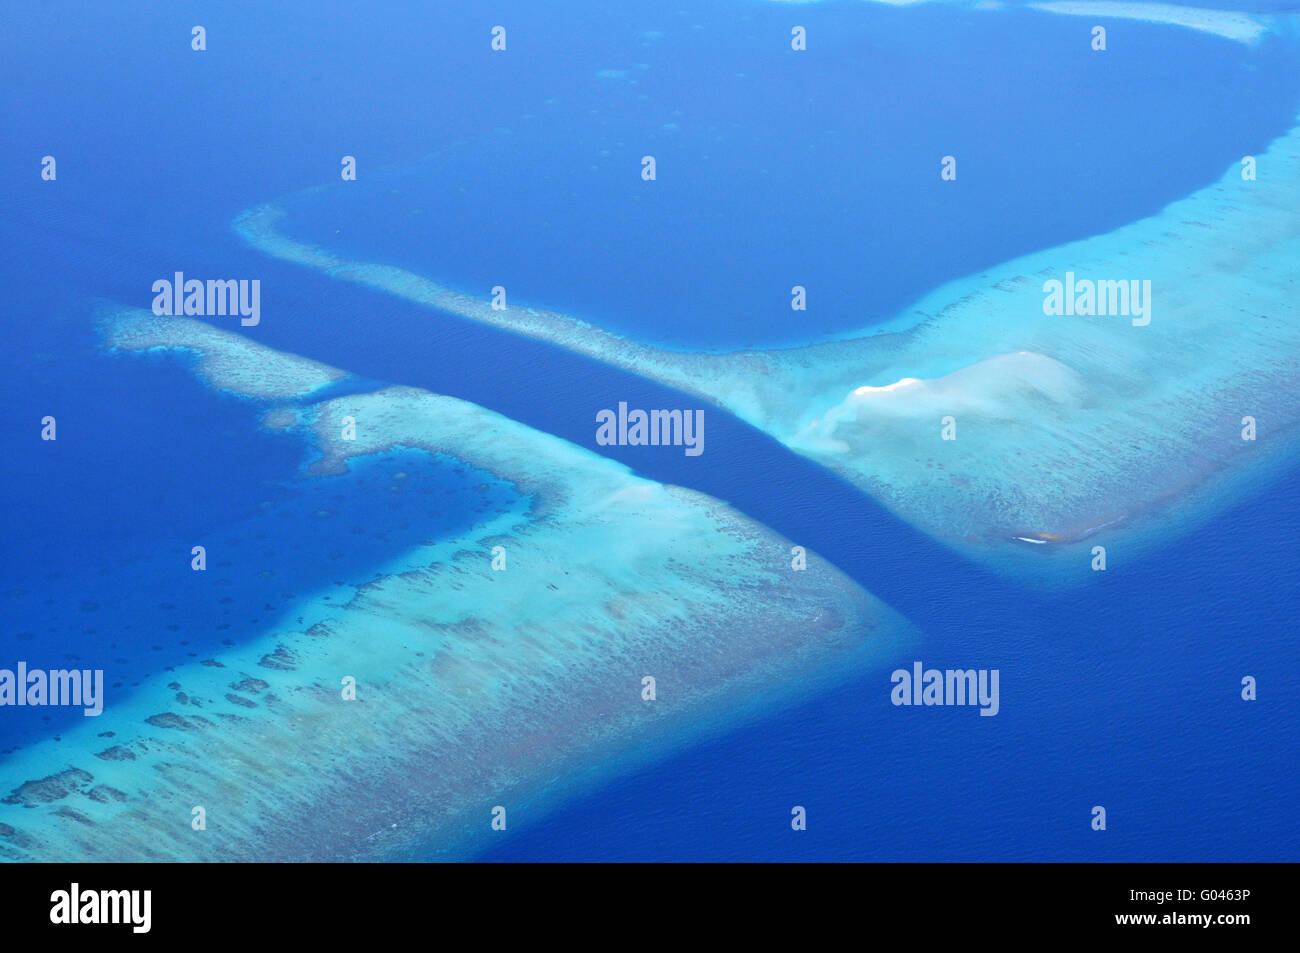 Canal, Meemu Atoll, Maledives / Mulaku Atoll - Stock Image